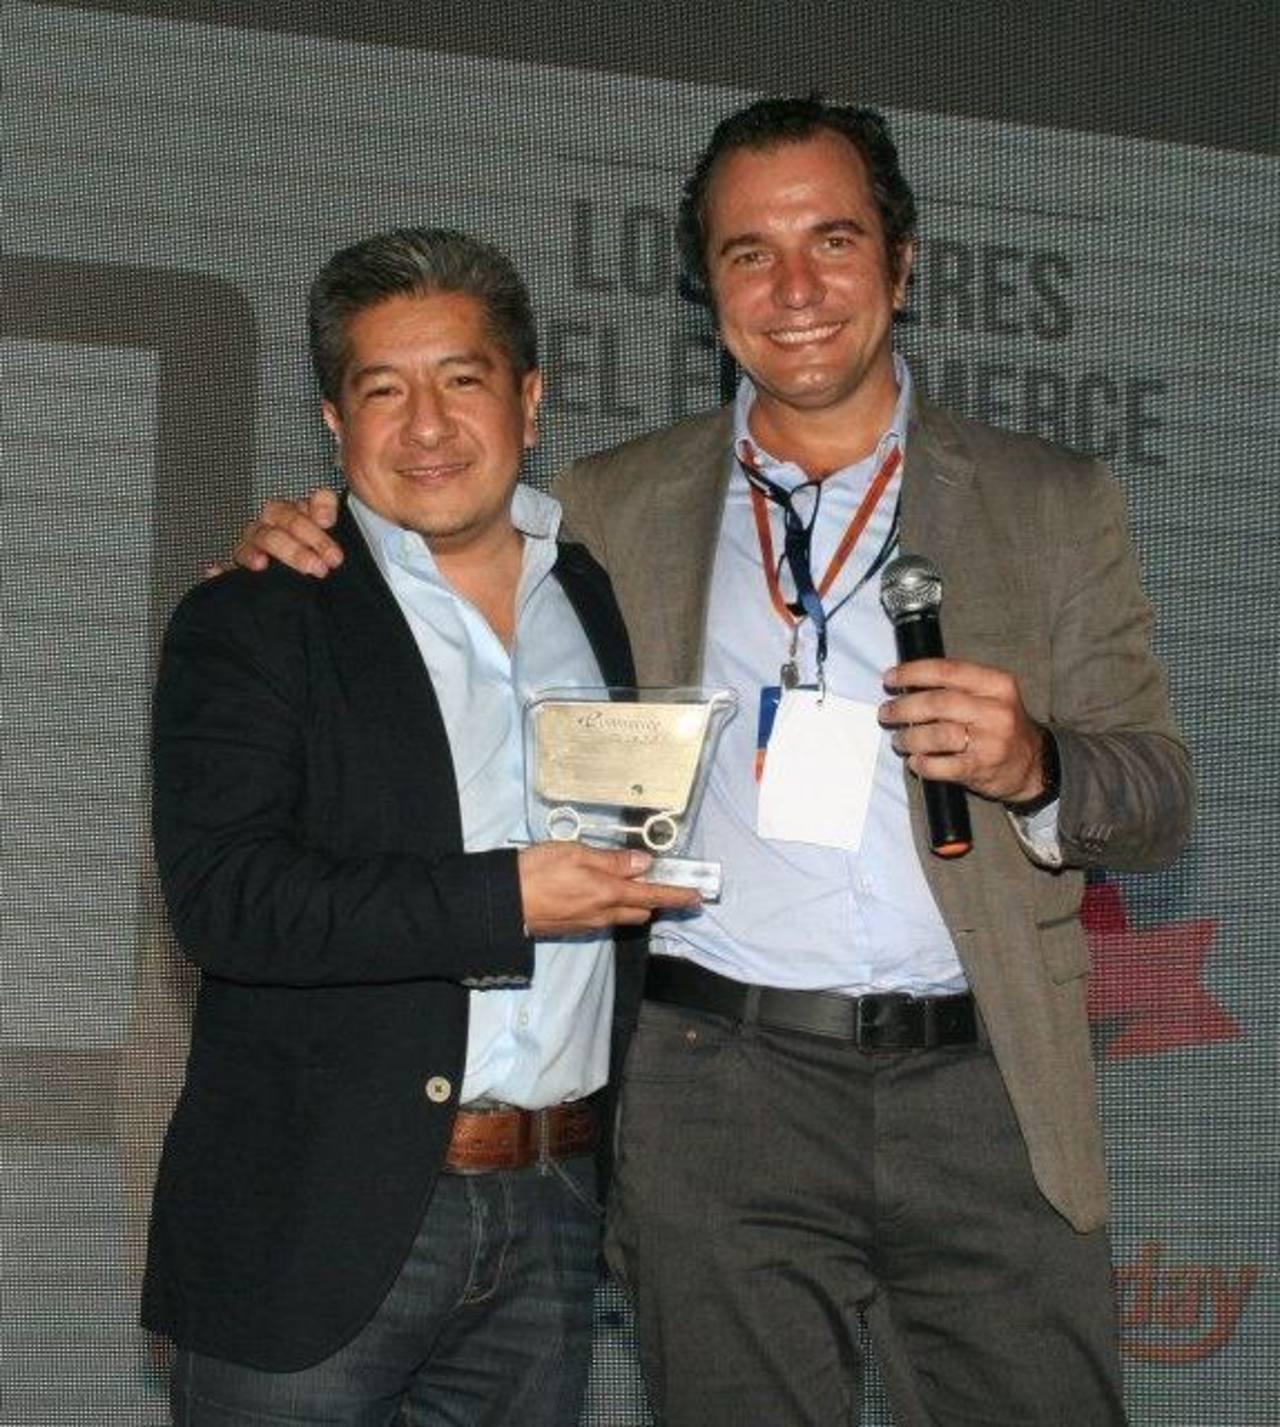 Julio César Munive, Director E-Commerce Avianca (izq) y Marcos Pueyrredon, Presidente del Instituto Latinoamericano de Comercio Electrónico (ILCE), en la ceremonia de reconocimientos.